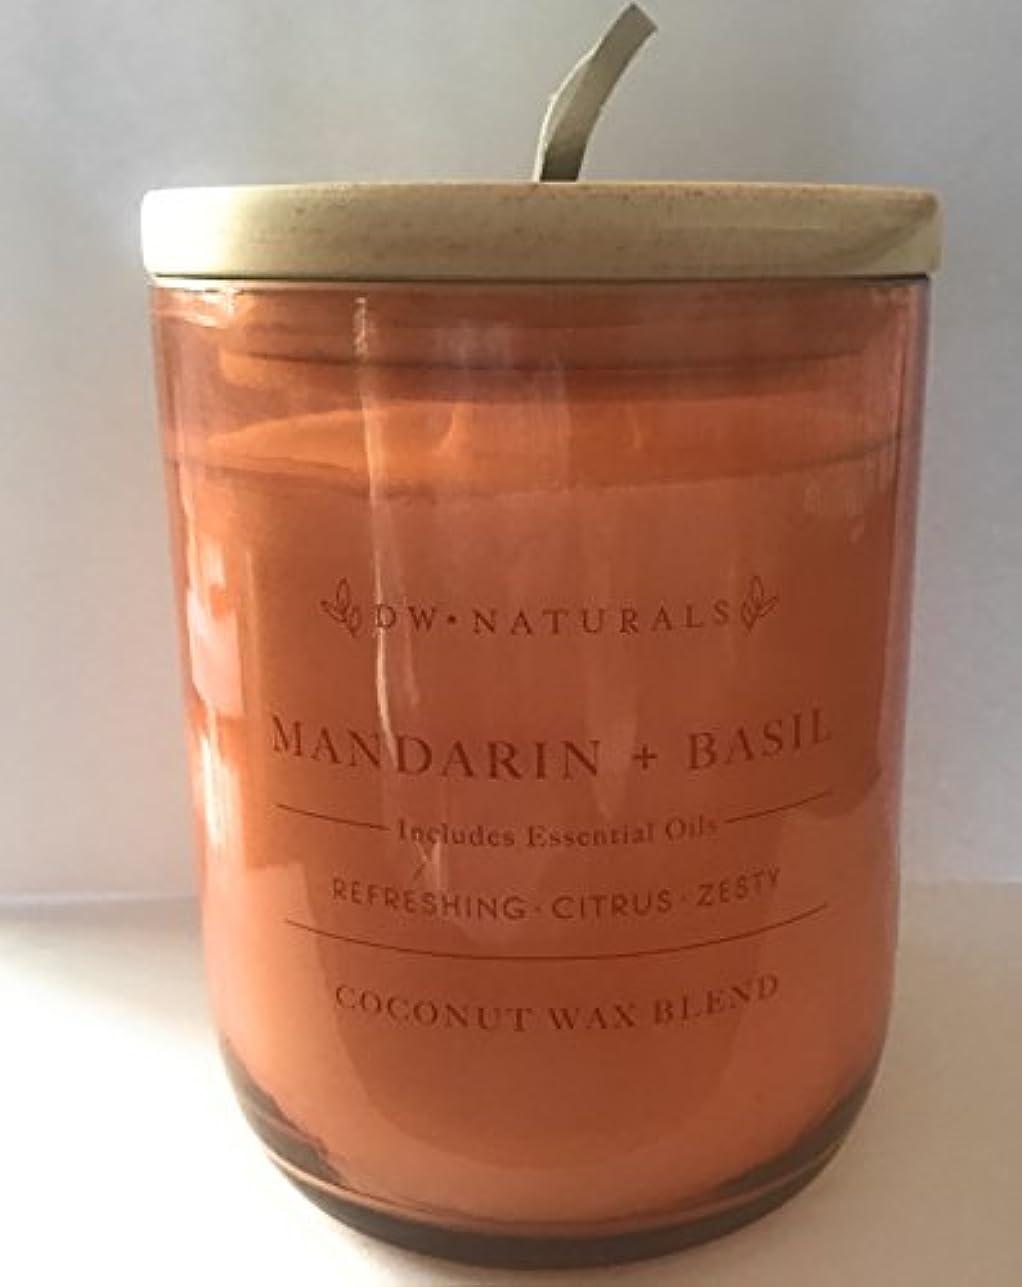 後退するアーティファクト先史時代のDW Naturals Mandarin and Basil CoconutワックスブレンドCandle 17.6 Oz